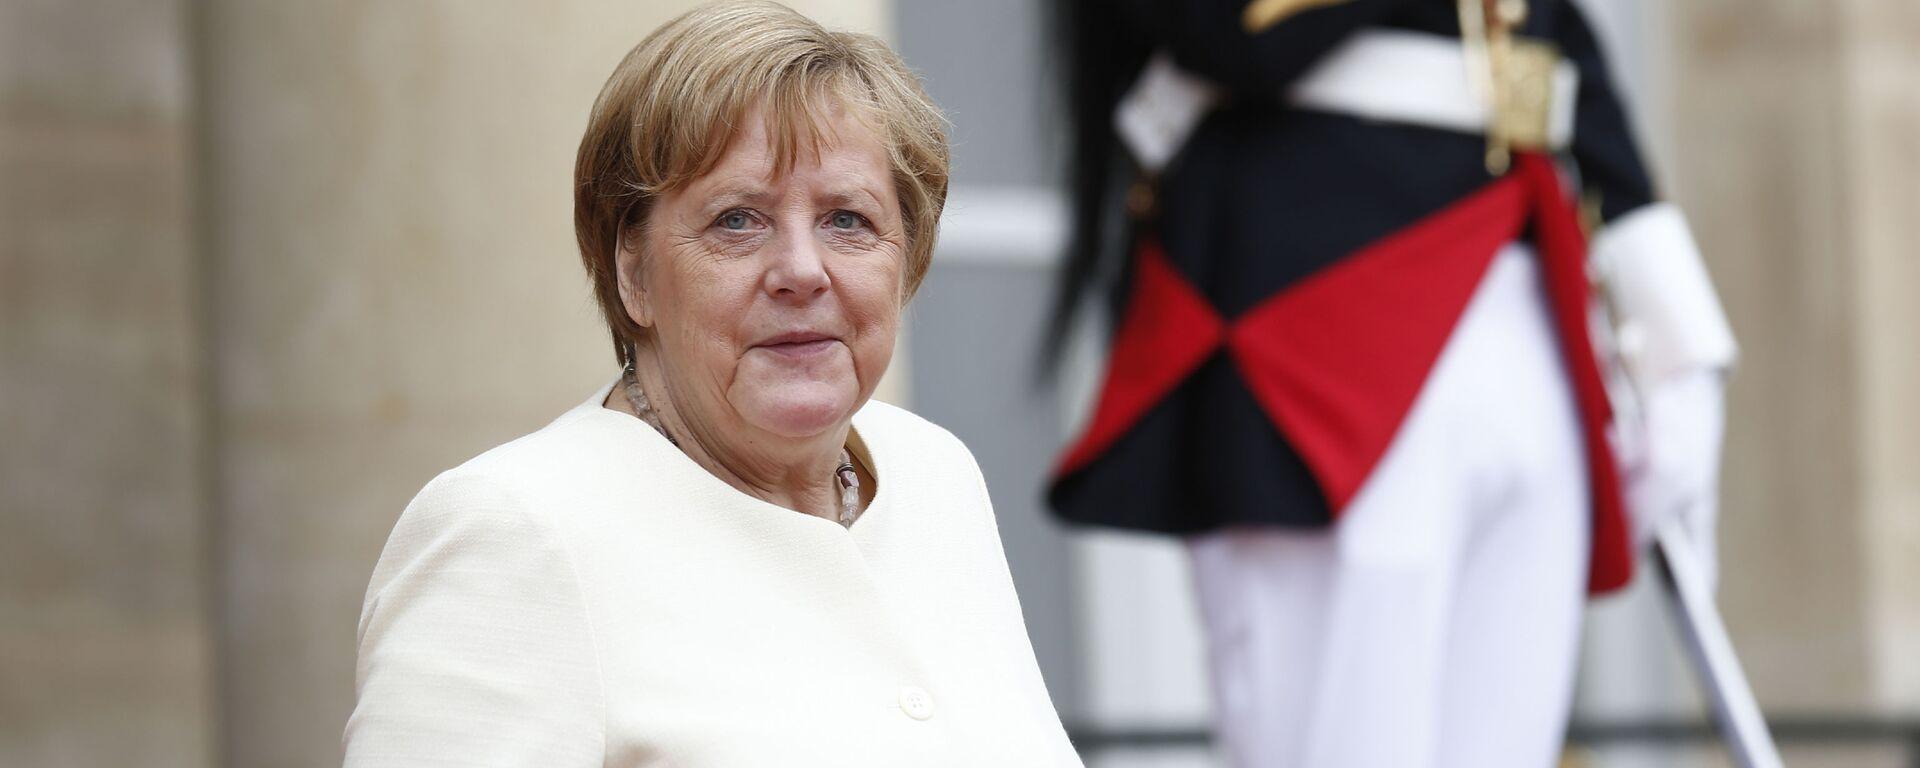 Německá kancléřka Angela Merkelová - Sputnik Česká republika, 1920, 11.06.2021